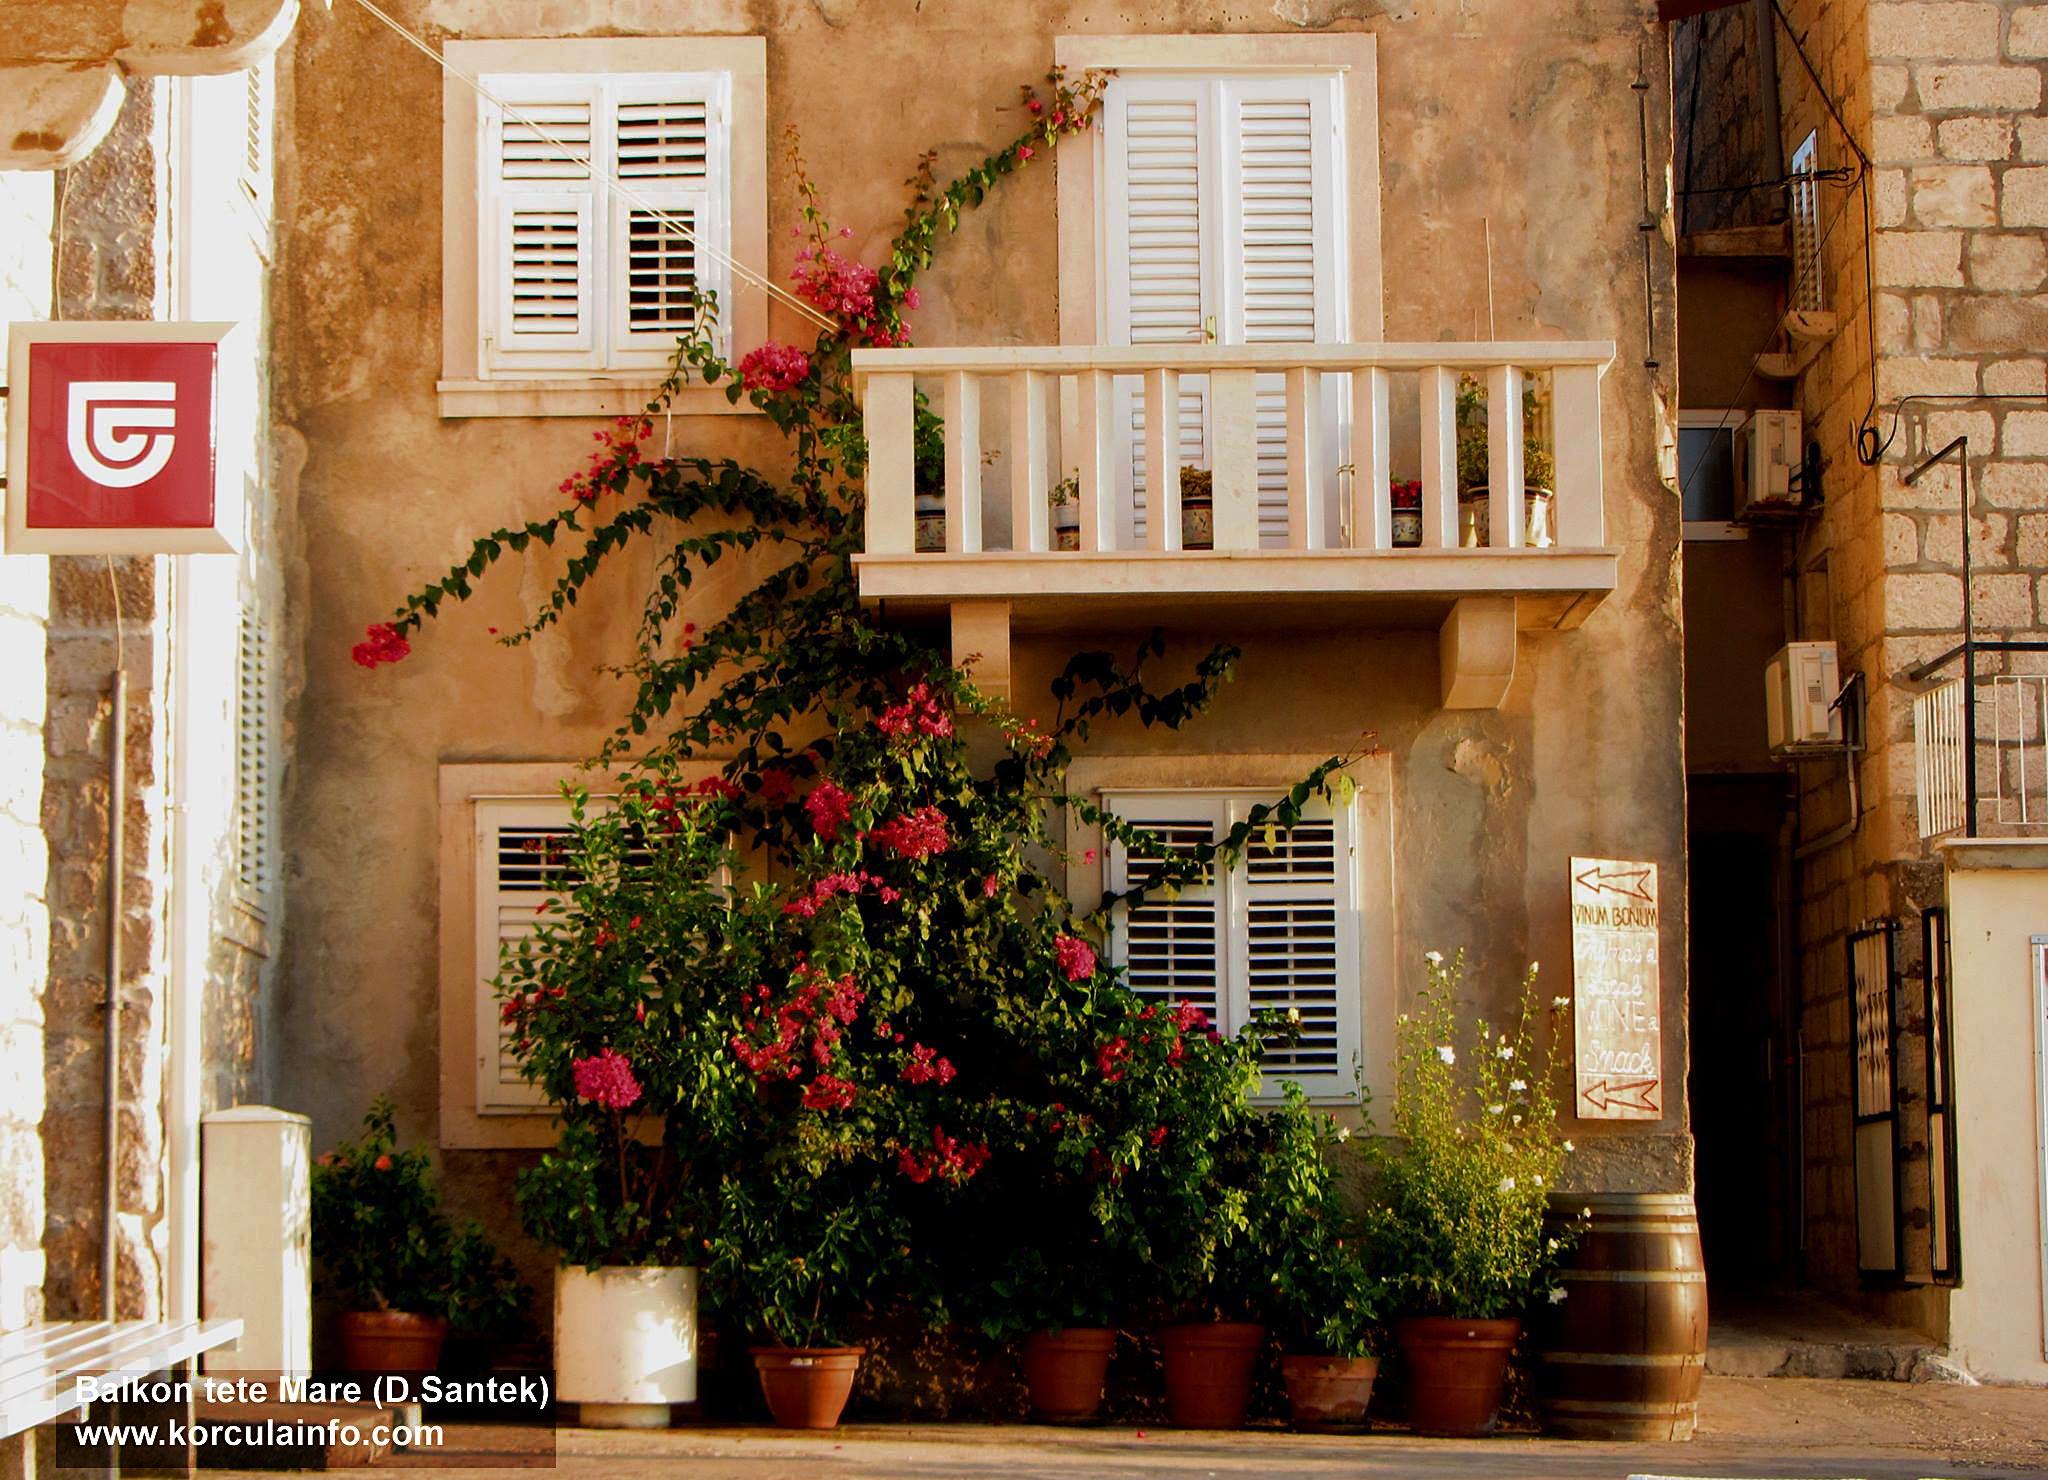 Balkon Tete Mare